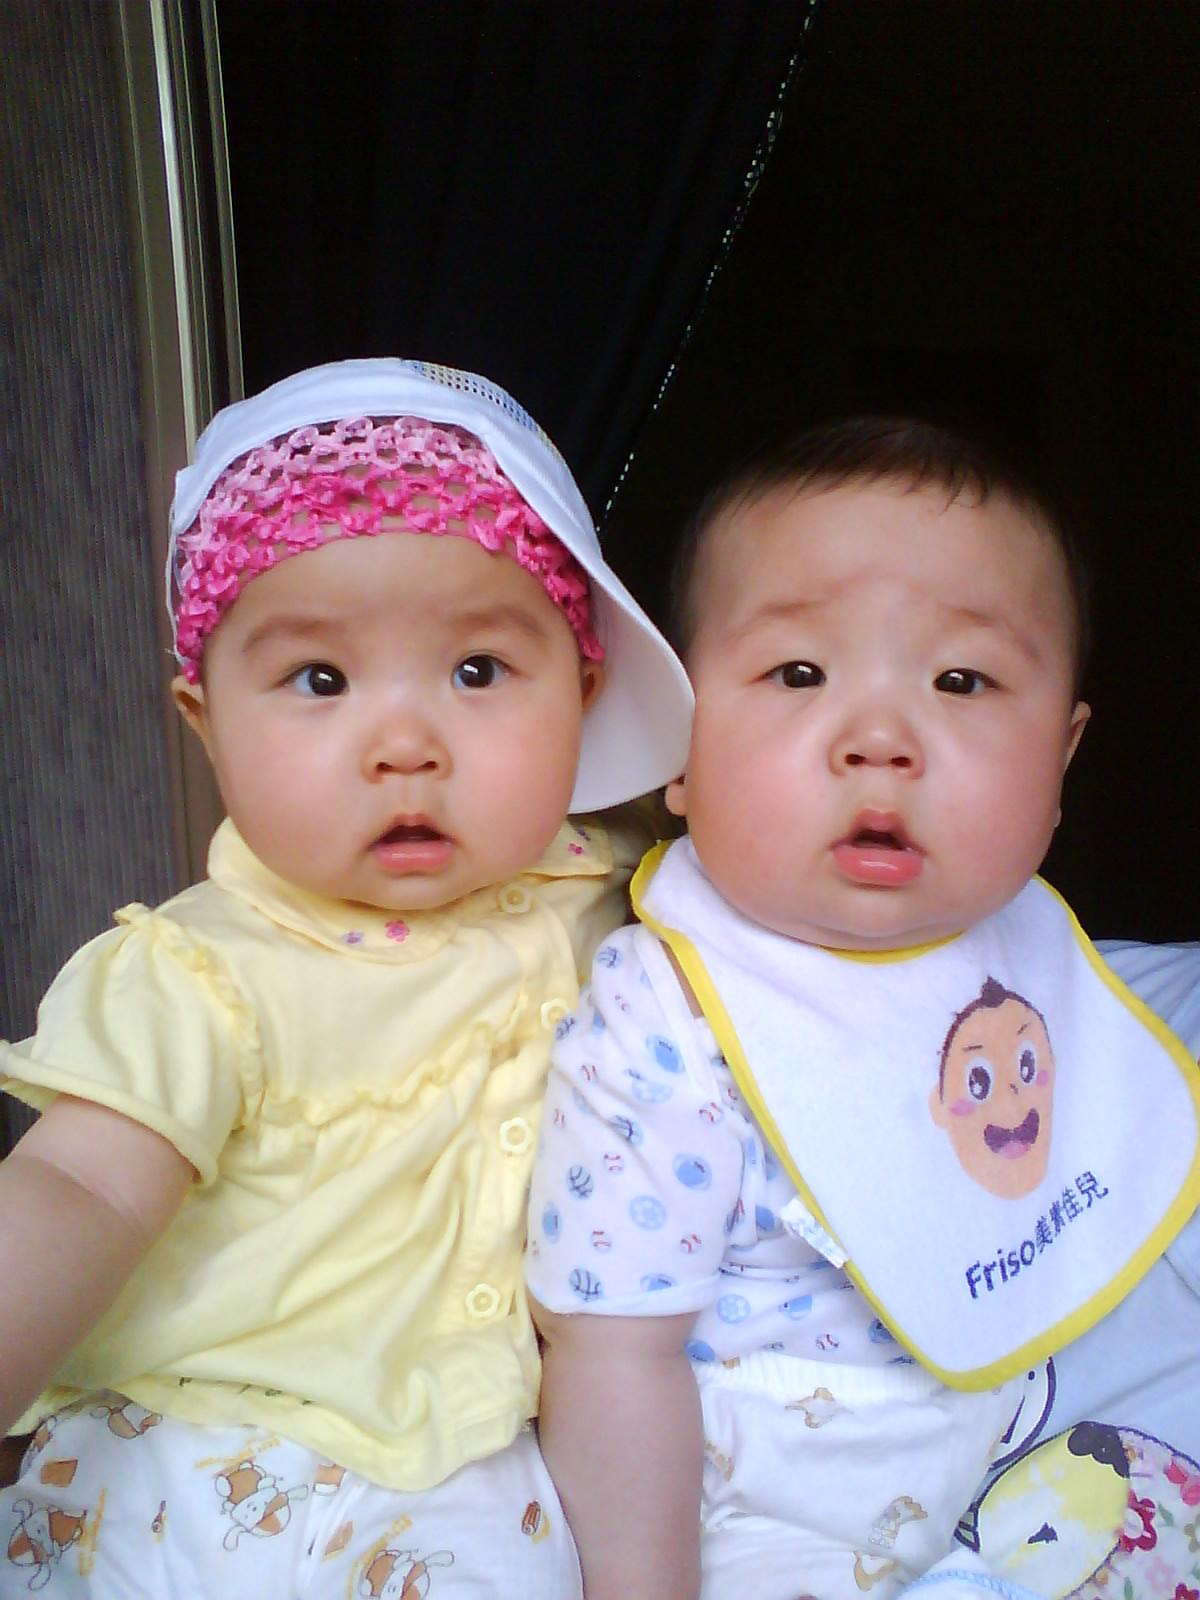 兄妹小孩头像 可爱